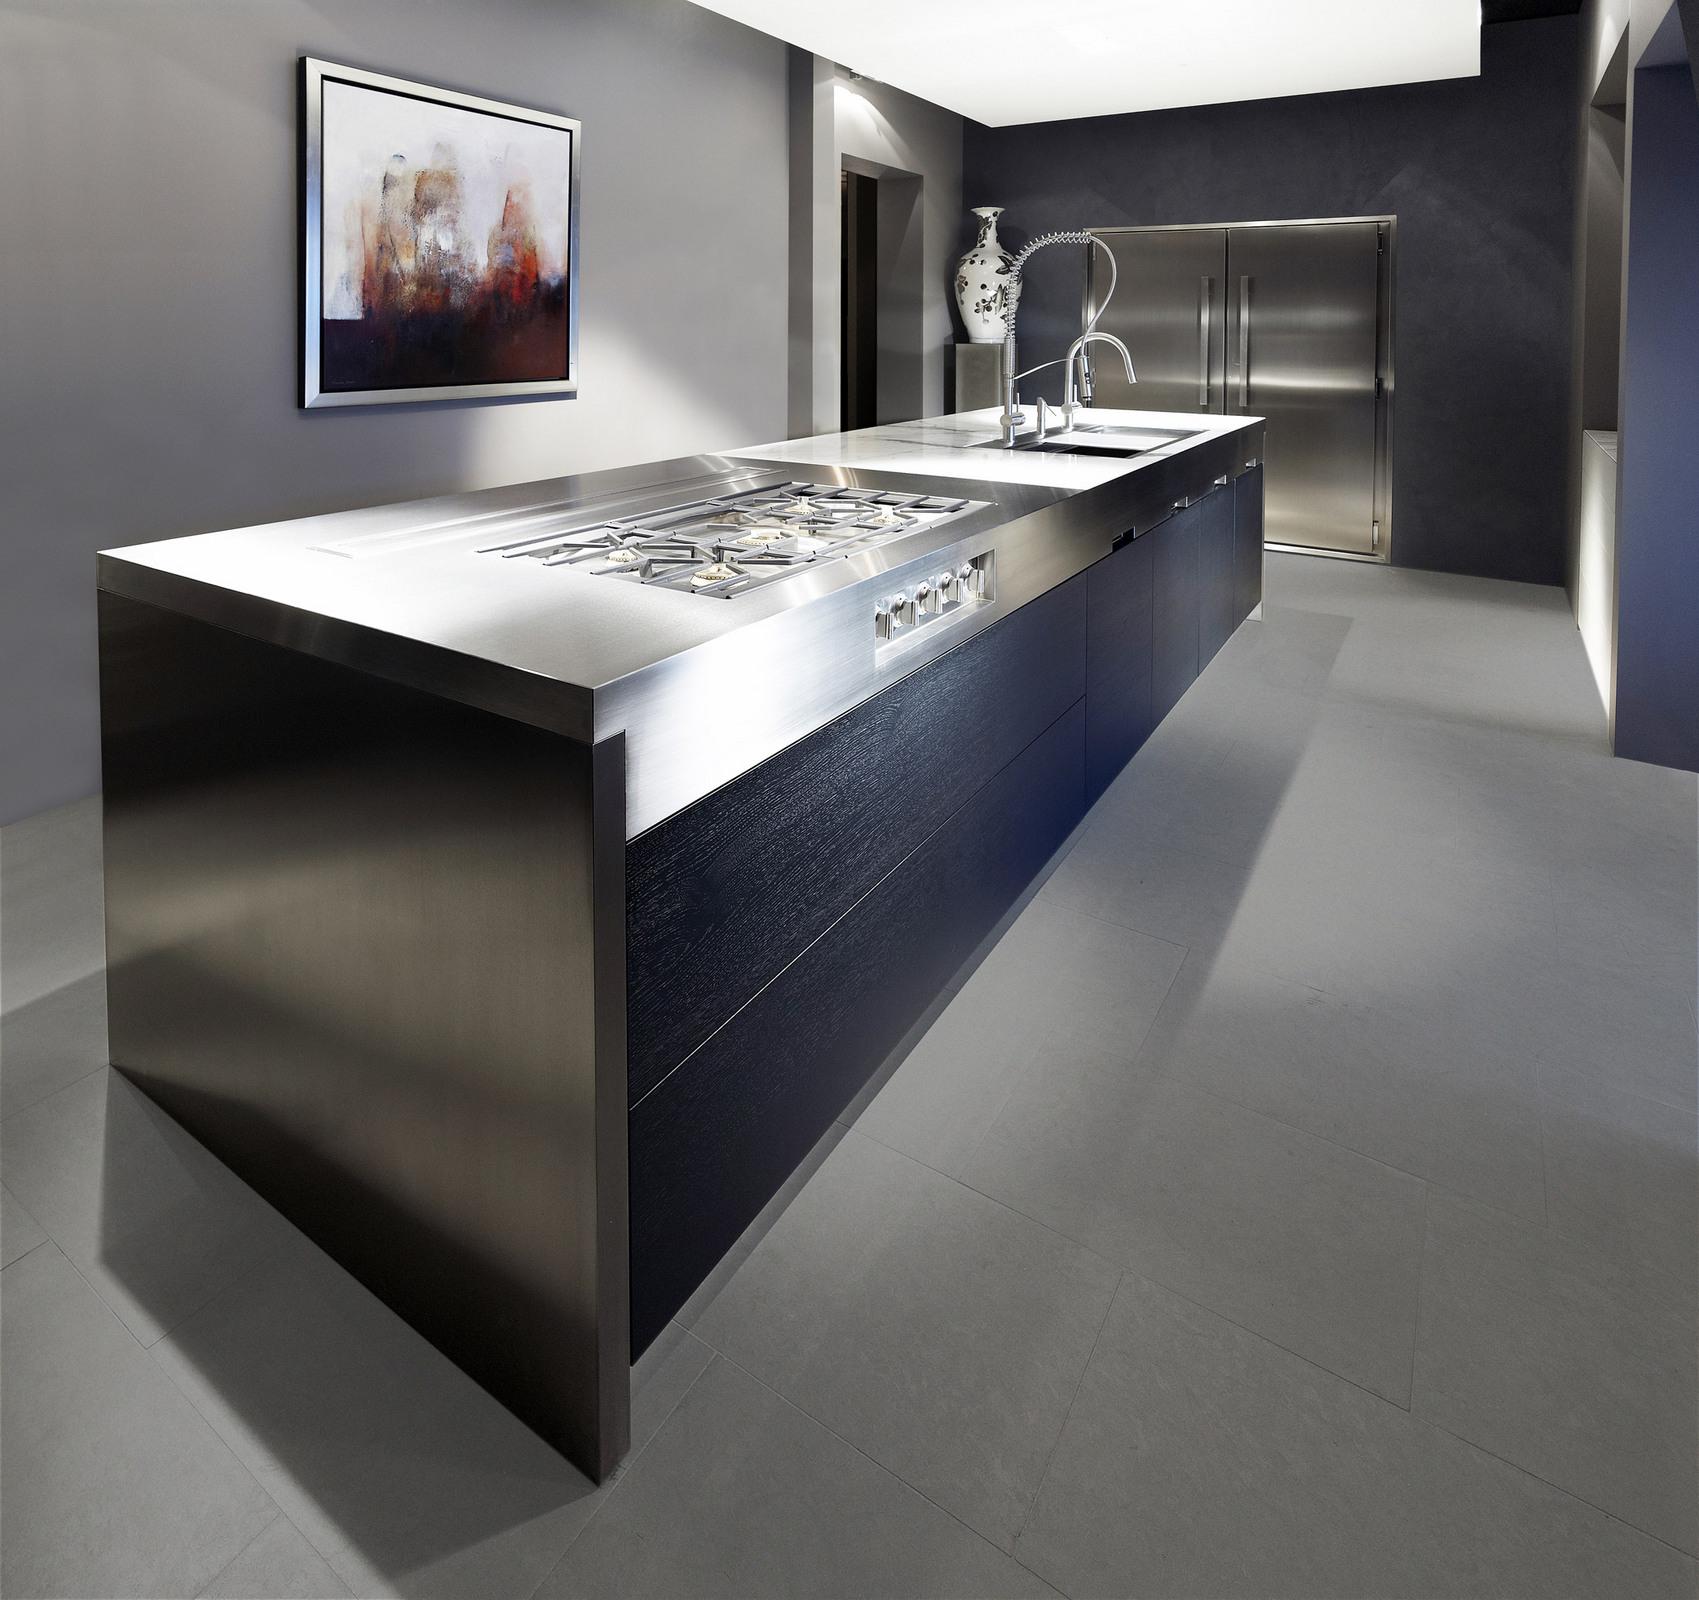 Vertex de functionele design keuken van culimaat nieuws startpagina voor keuken idee n uw - Modele en ingerichte keuken ...